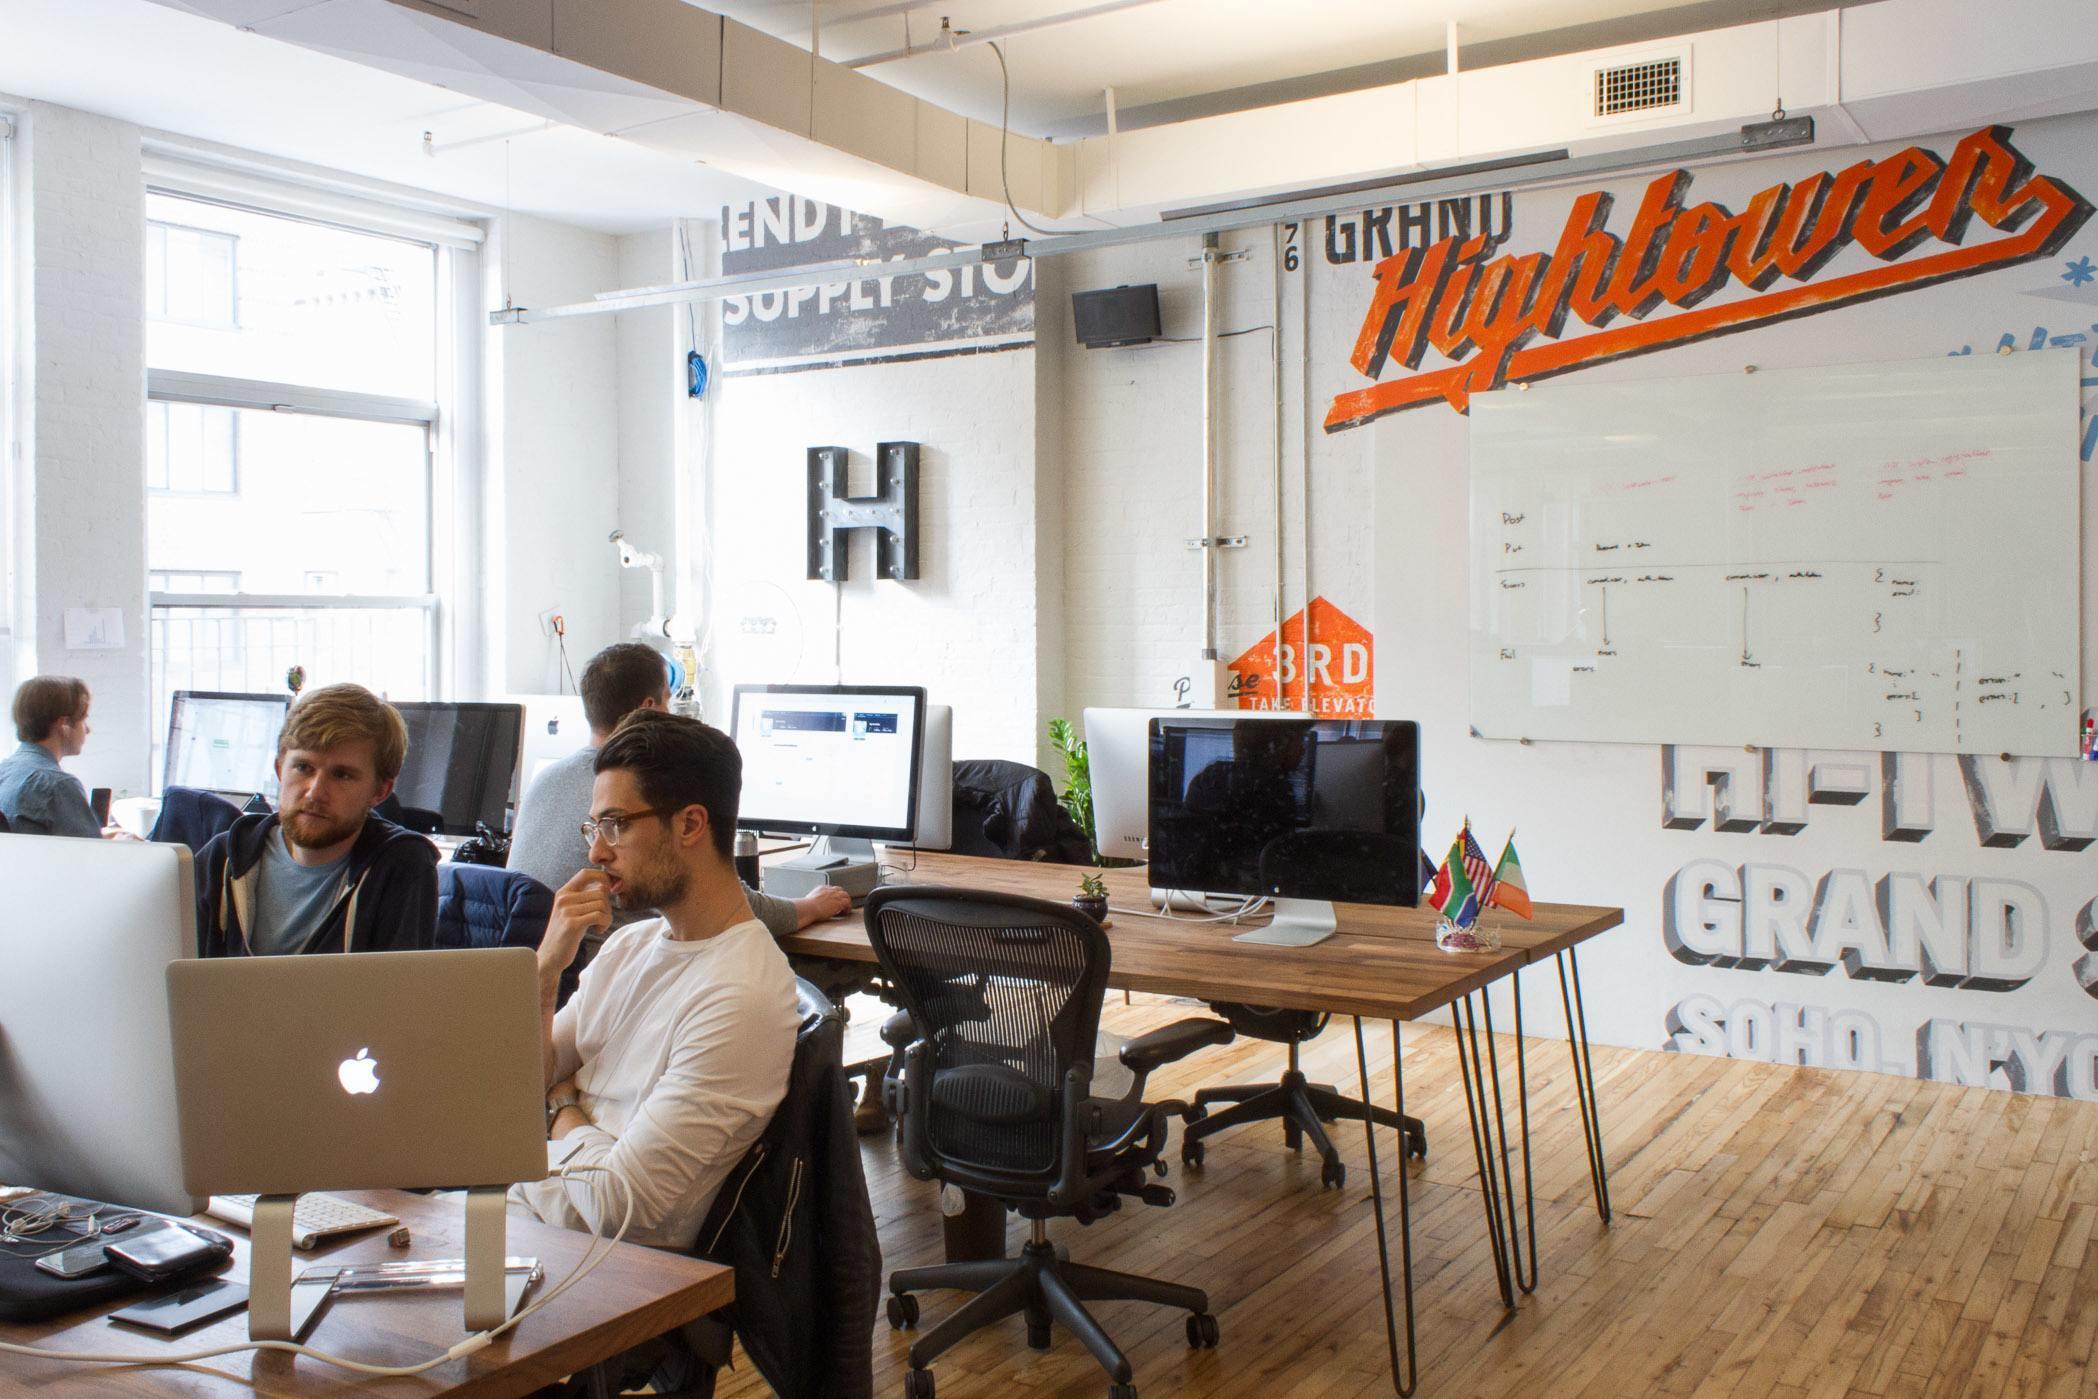 Inside hightower s new nyc office officelovin 39 for Office design york